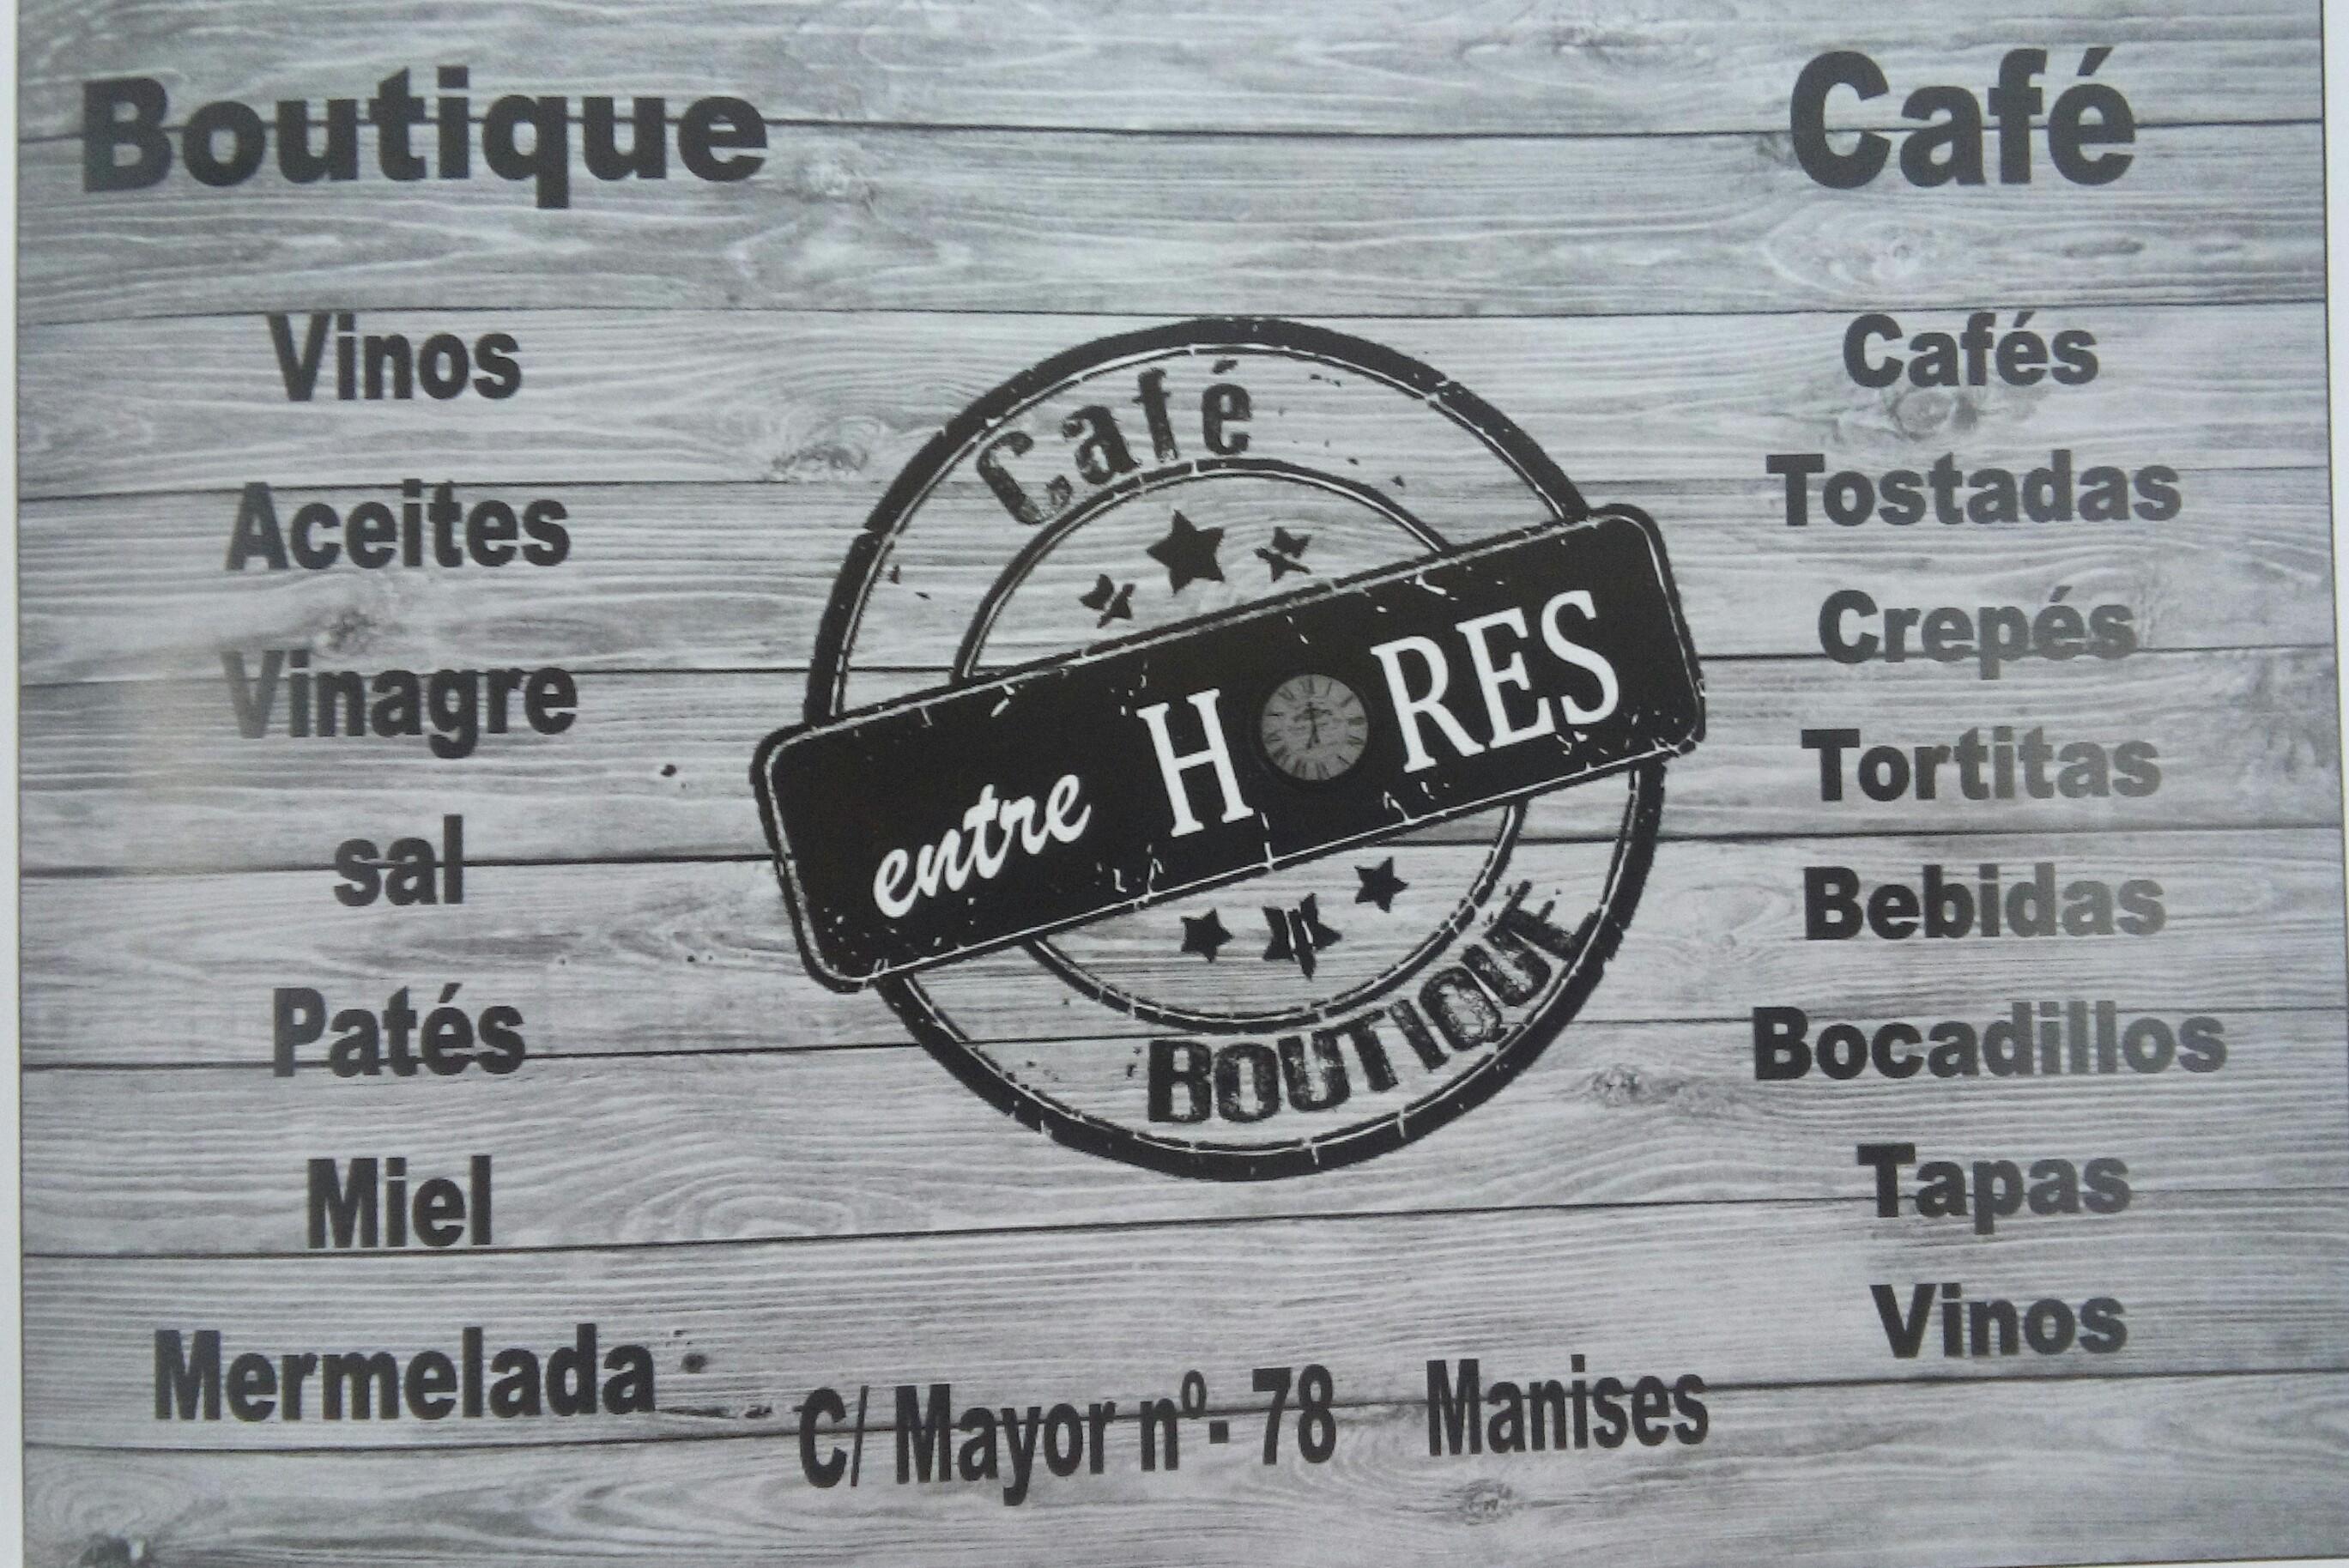 Cafe&Boutique entreHORES